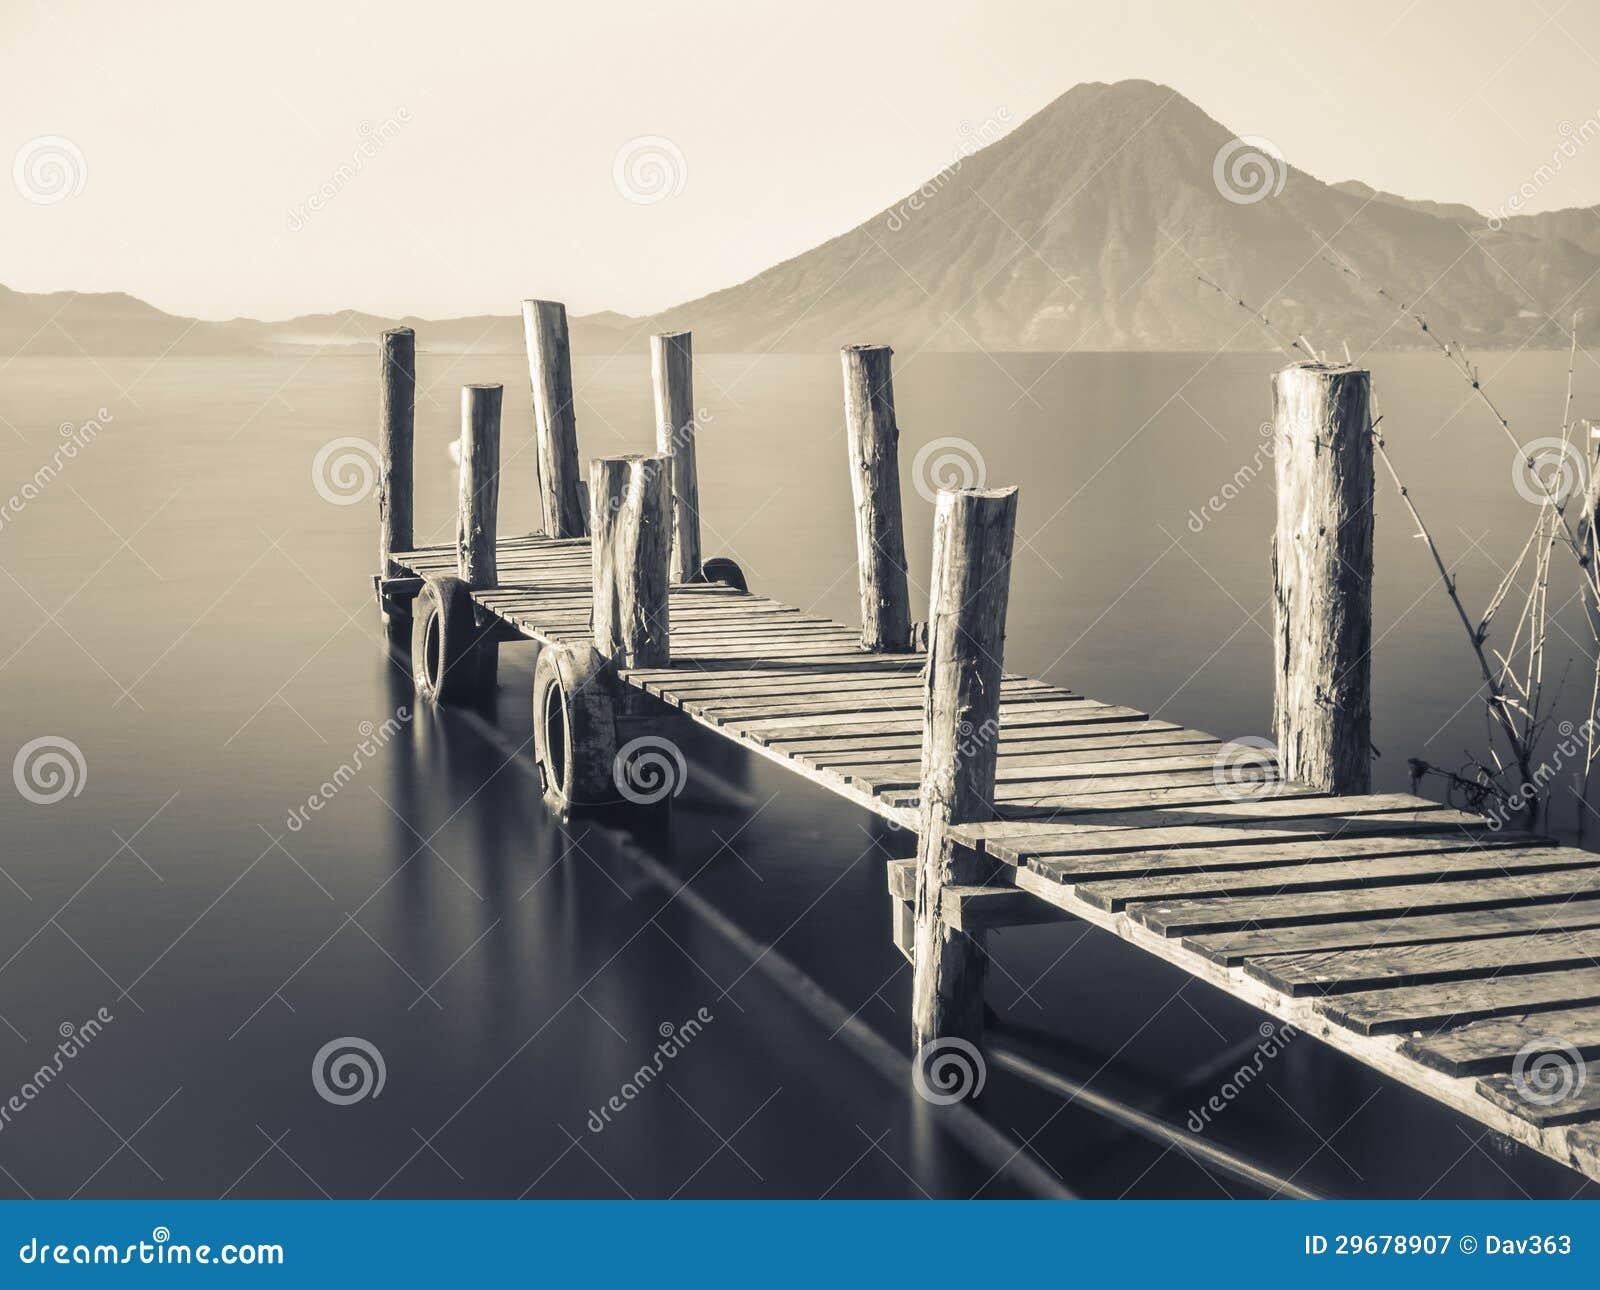 embarcadero de madera blanco y negro fotograf a de archivo